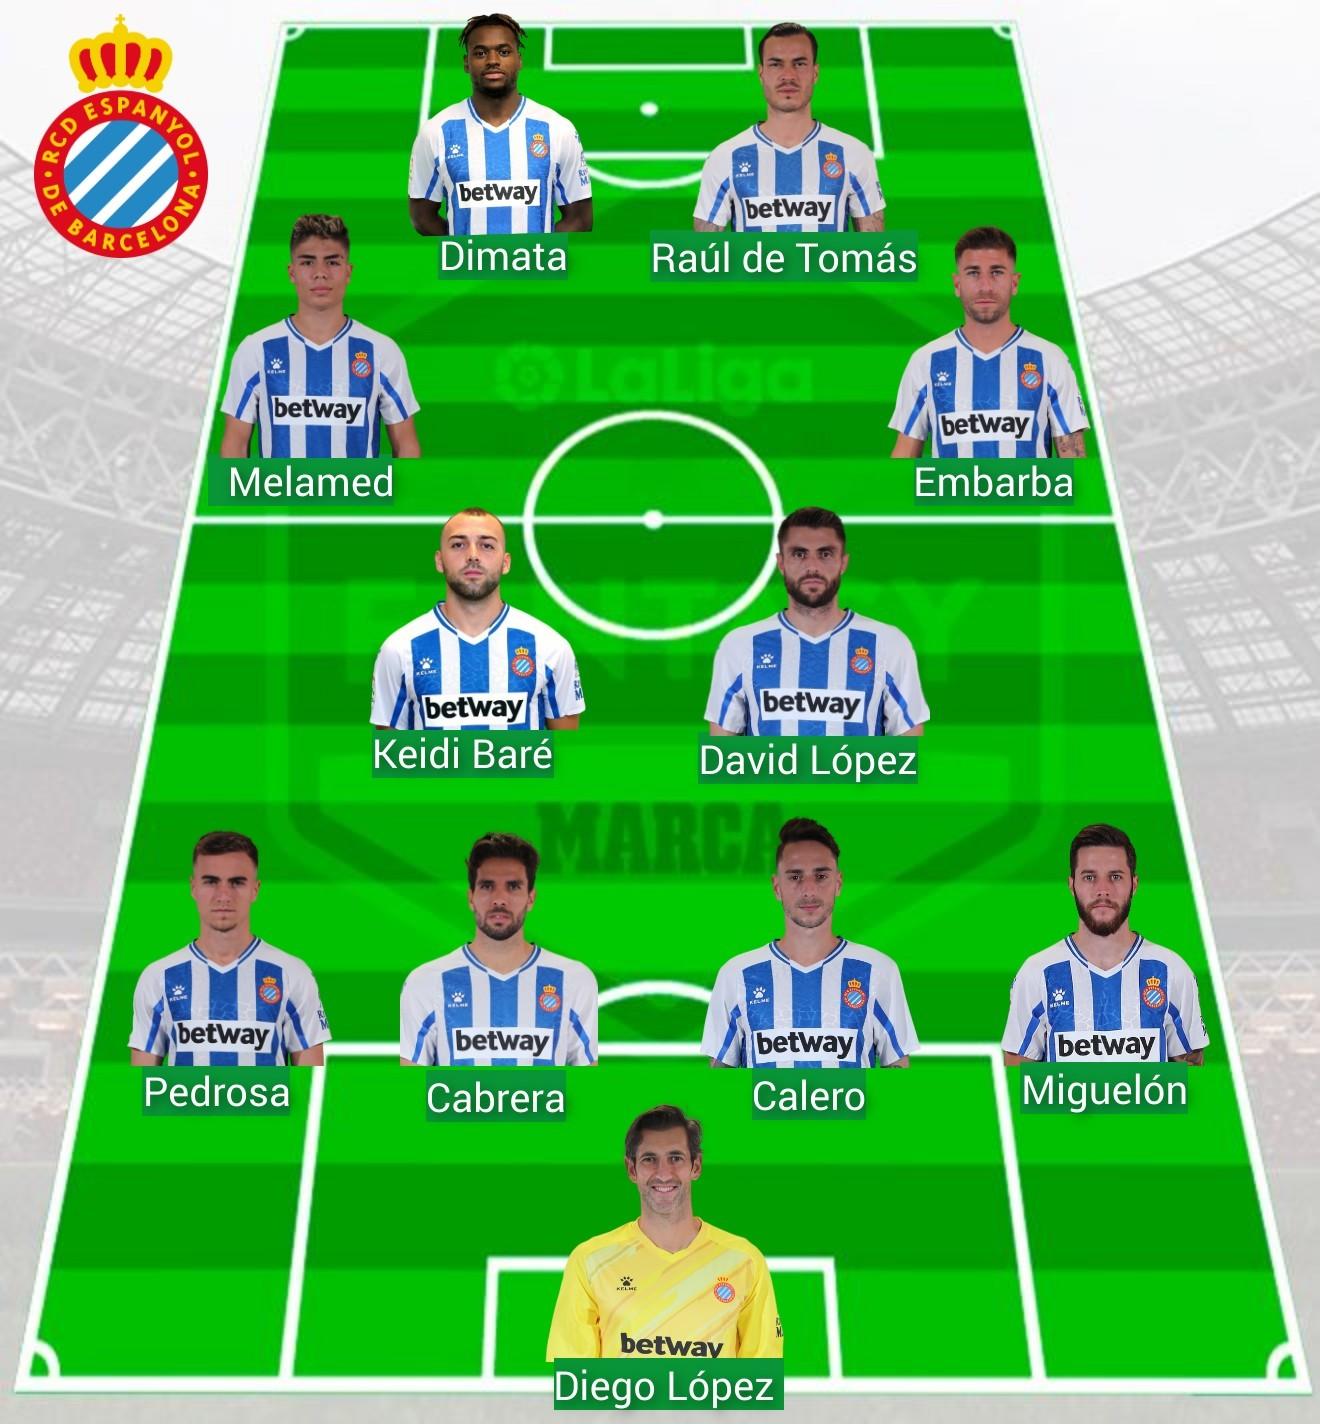 Alineaciones probables de Primera división para la jornada 1 de LaLiga